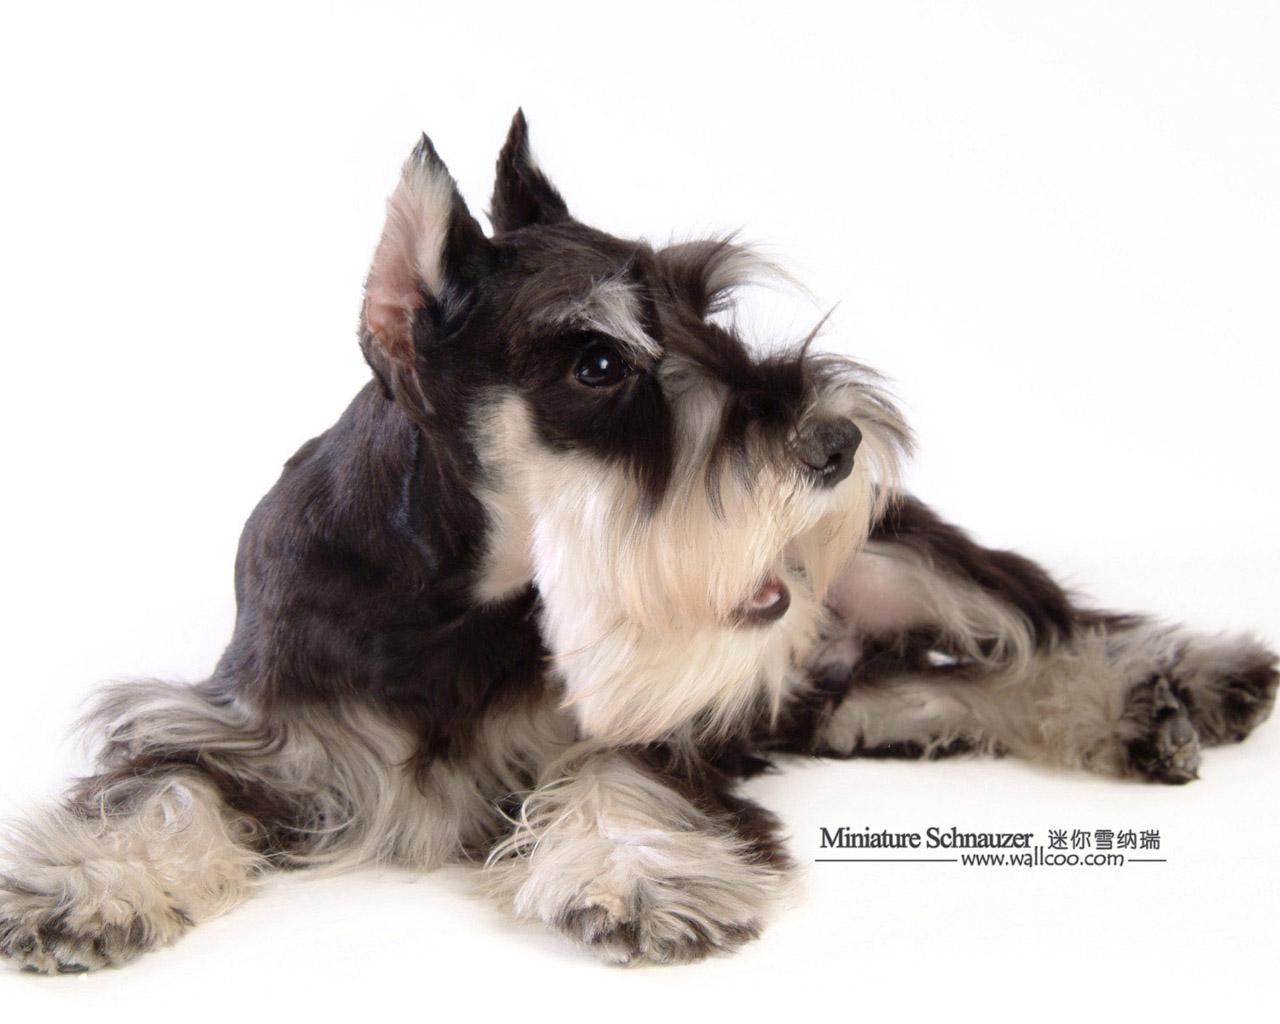 Cute Shih Tzu Puppies Wallpaper Cute Dogs Miniature Schnauzer Puppies